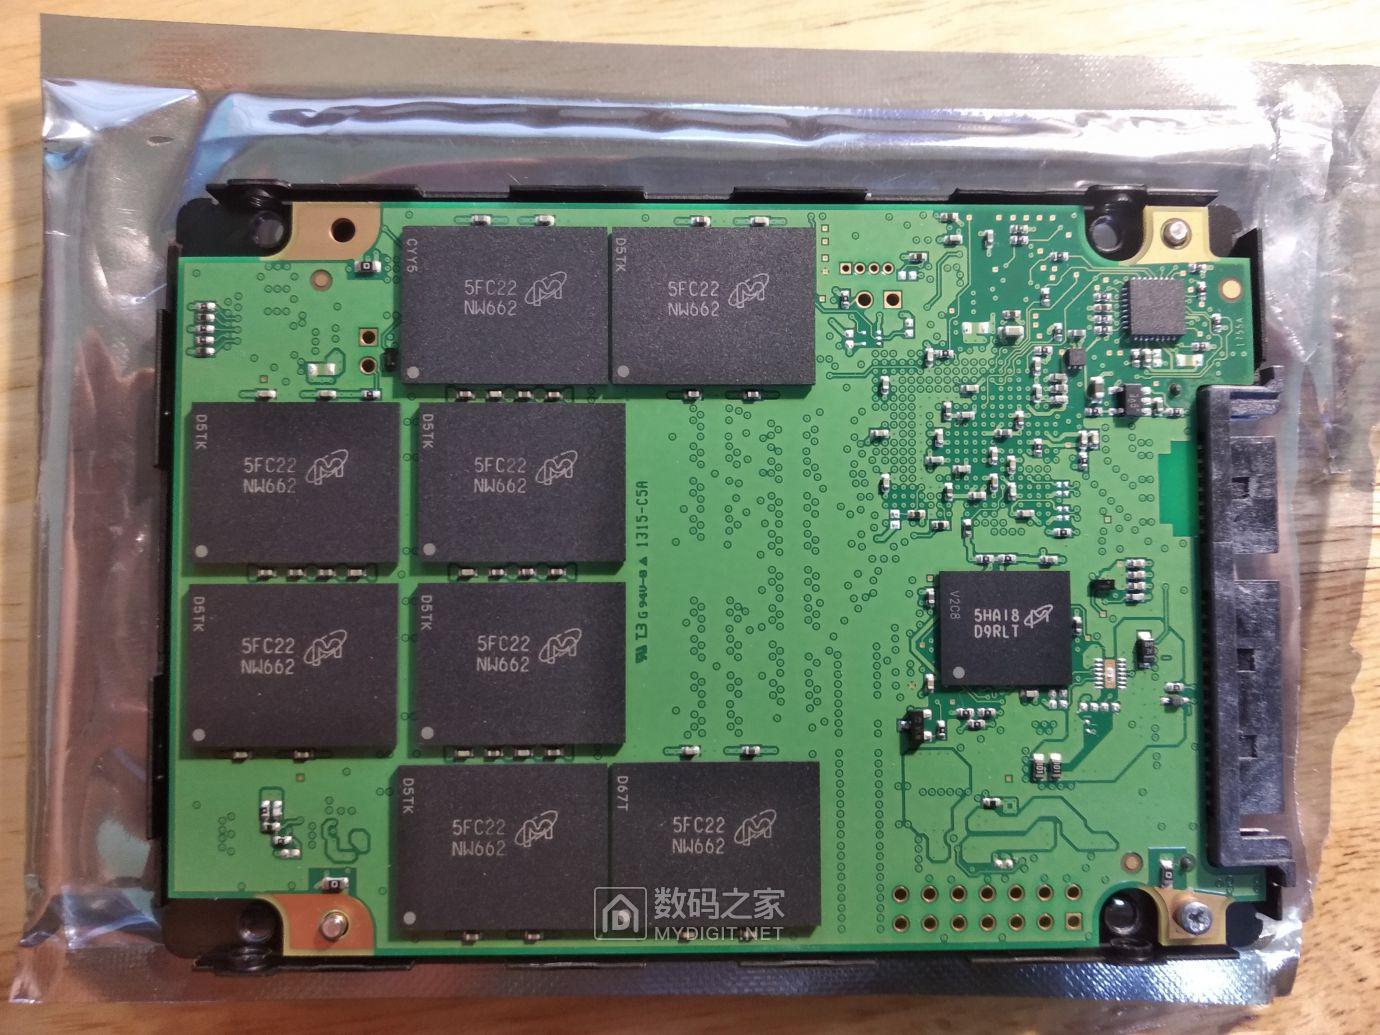 镁光M600 1T固态硬盘A-c.jpg